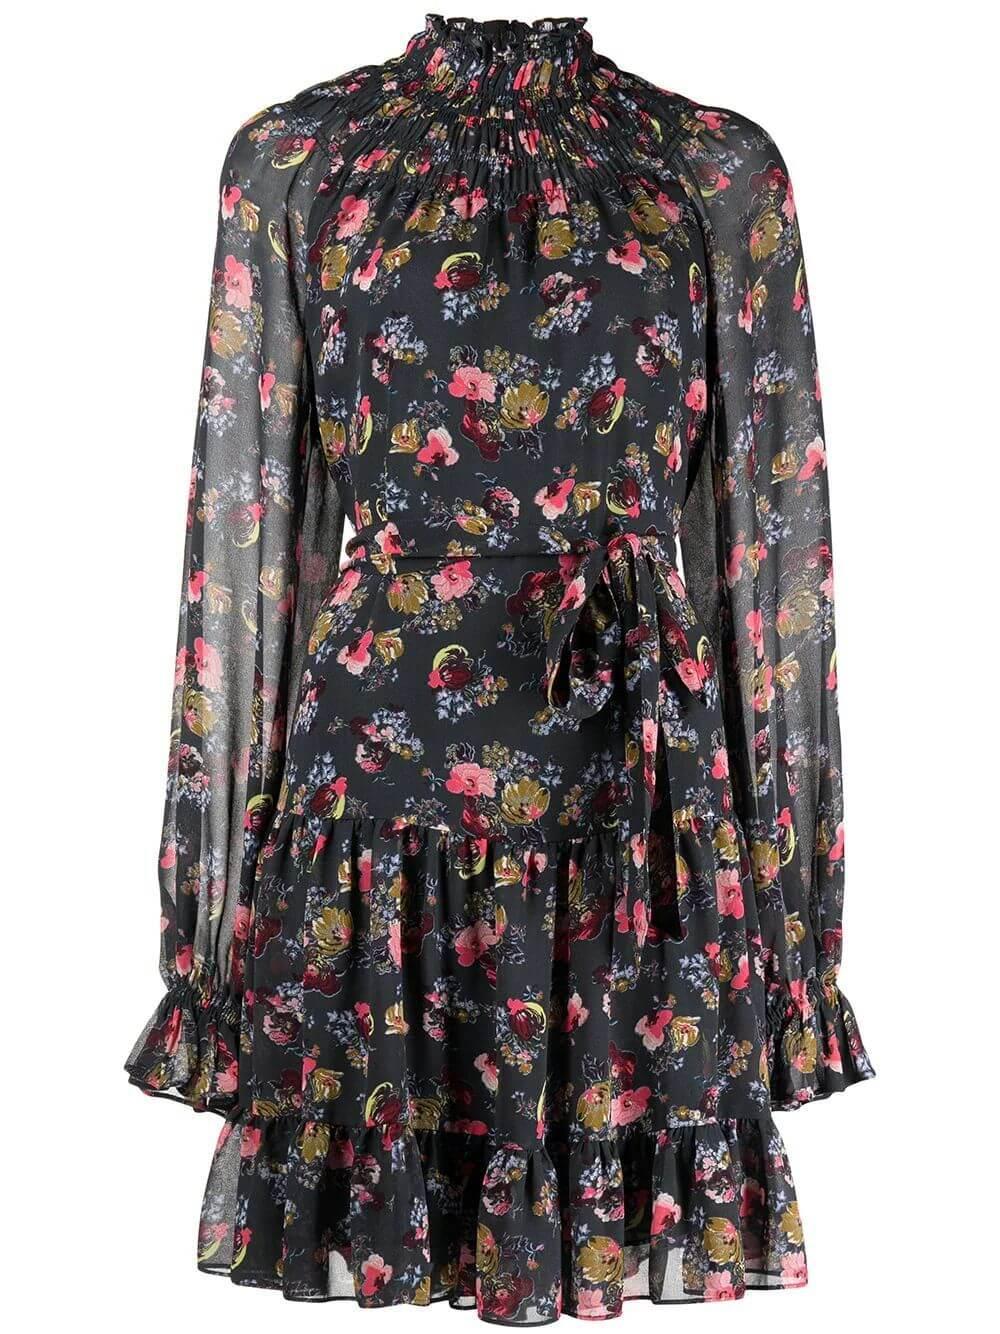 Daija Printed Short Mock Neck Dress Item # ZD14584777Z